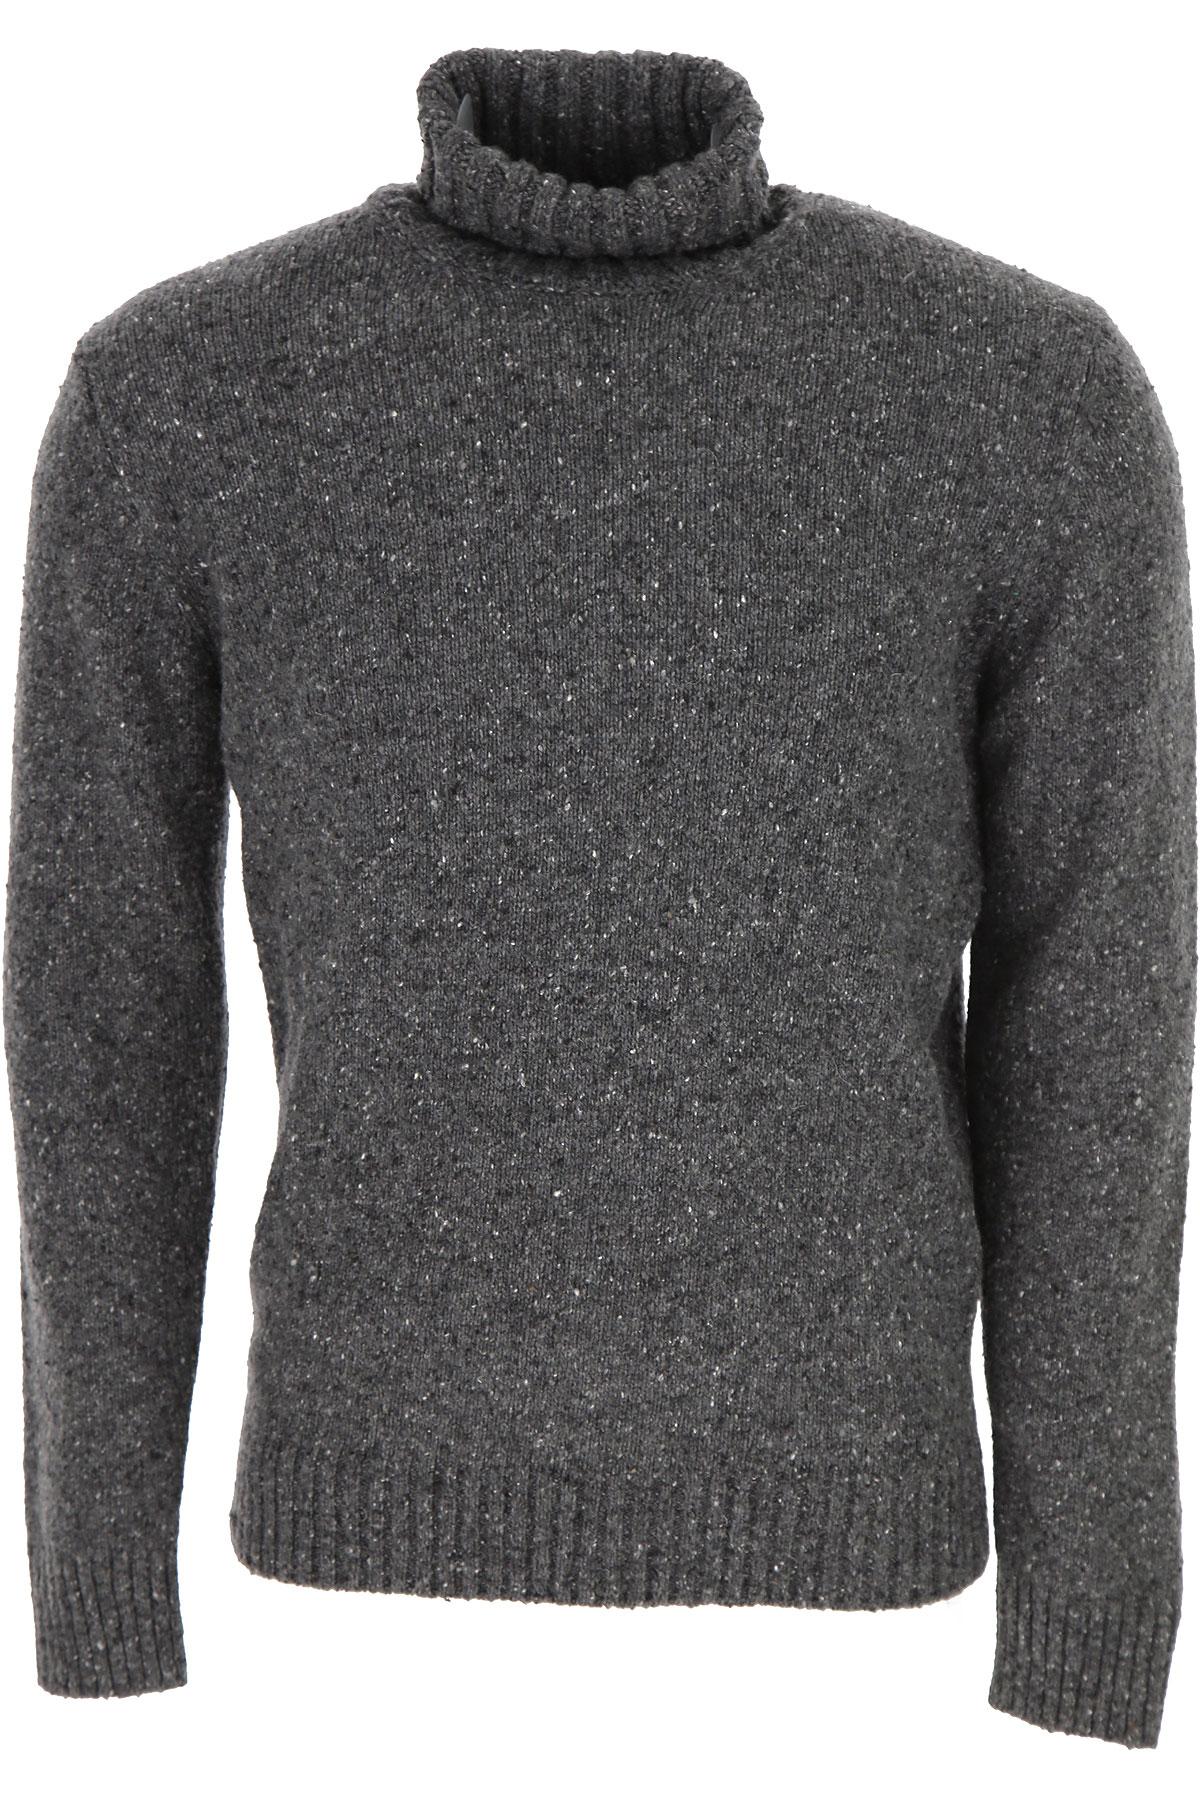 Kangra Sweater for Men Jumper On Sale, Medium Grey, Wool, 2019, L M XL XXL